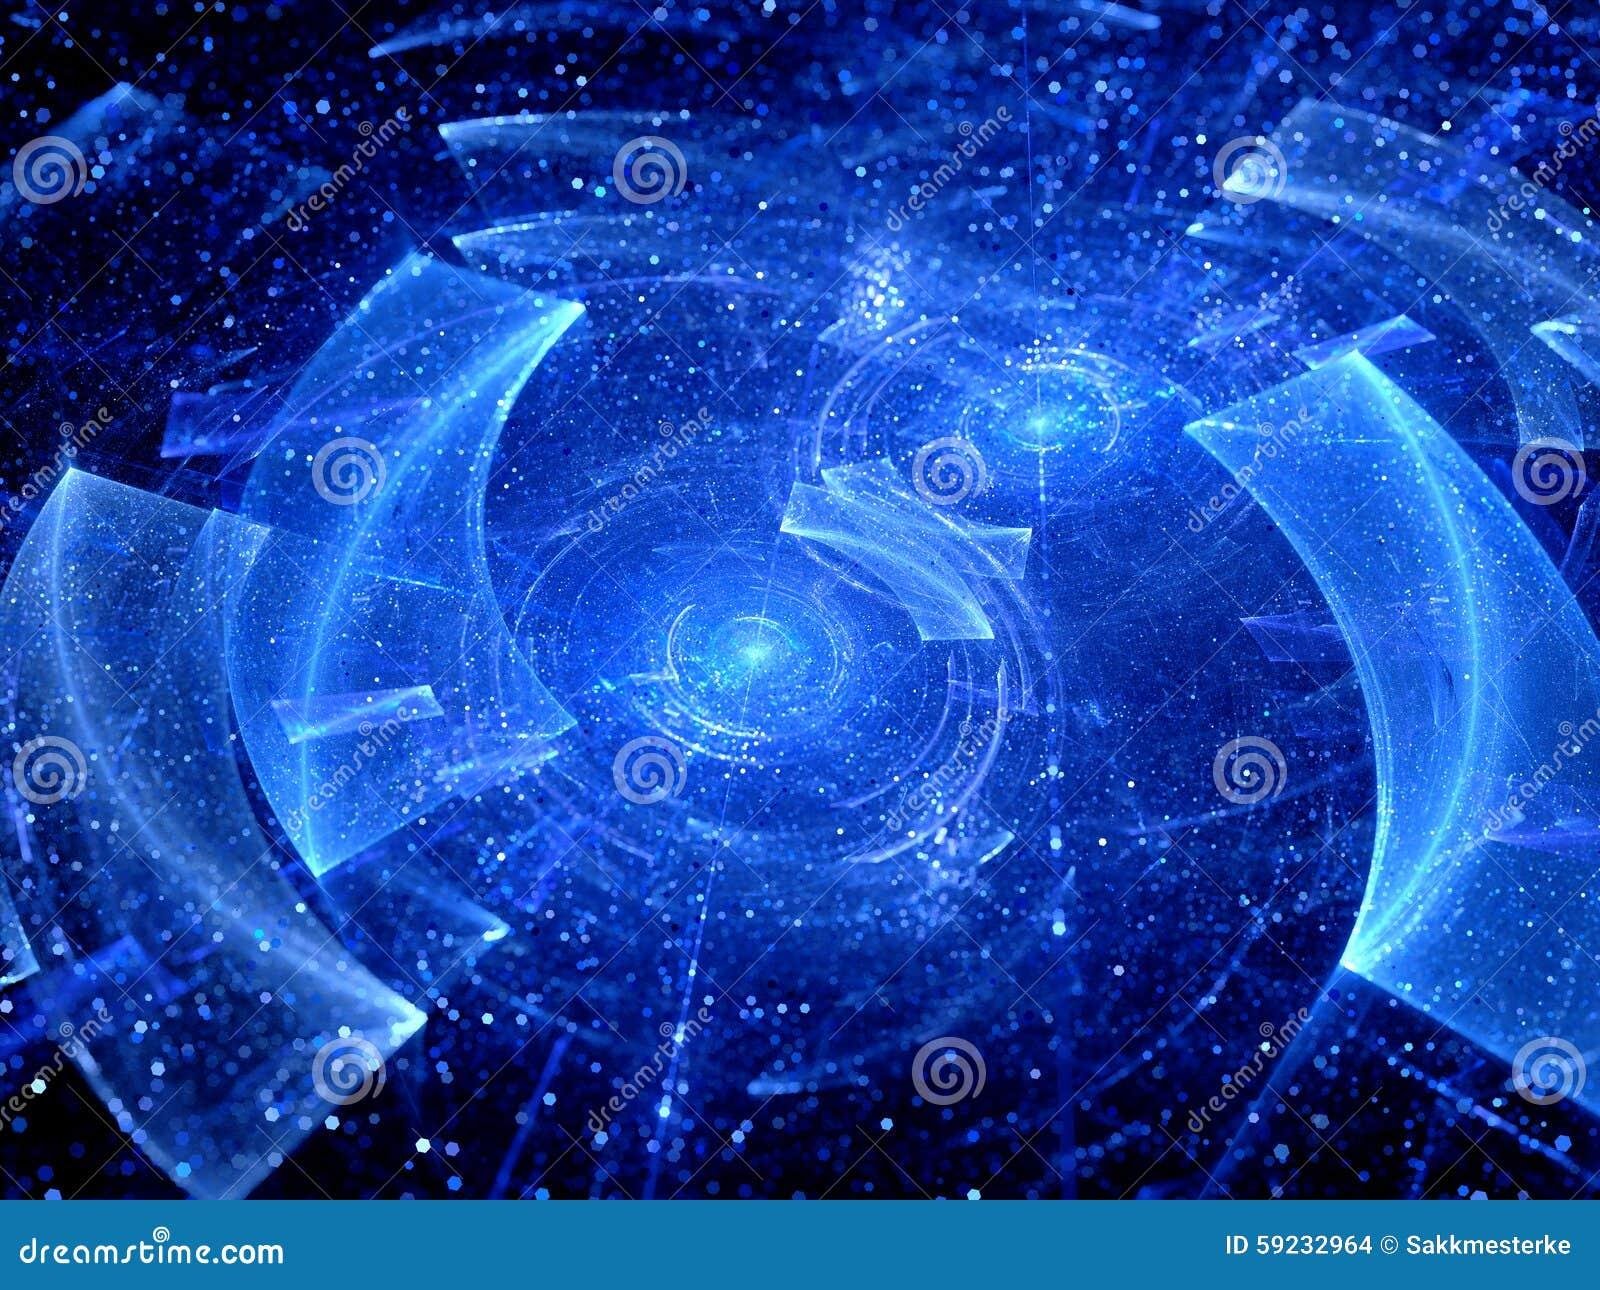 Download Señales De Galaxias Distantes Stock de ilustración - Ilustración de fondo, vida: 59232964